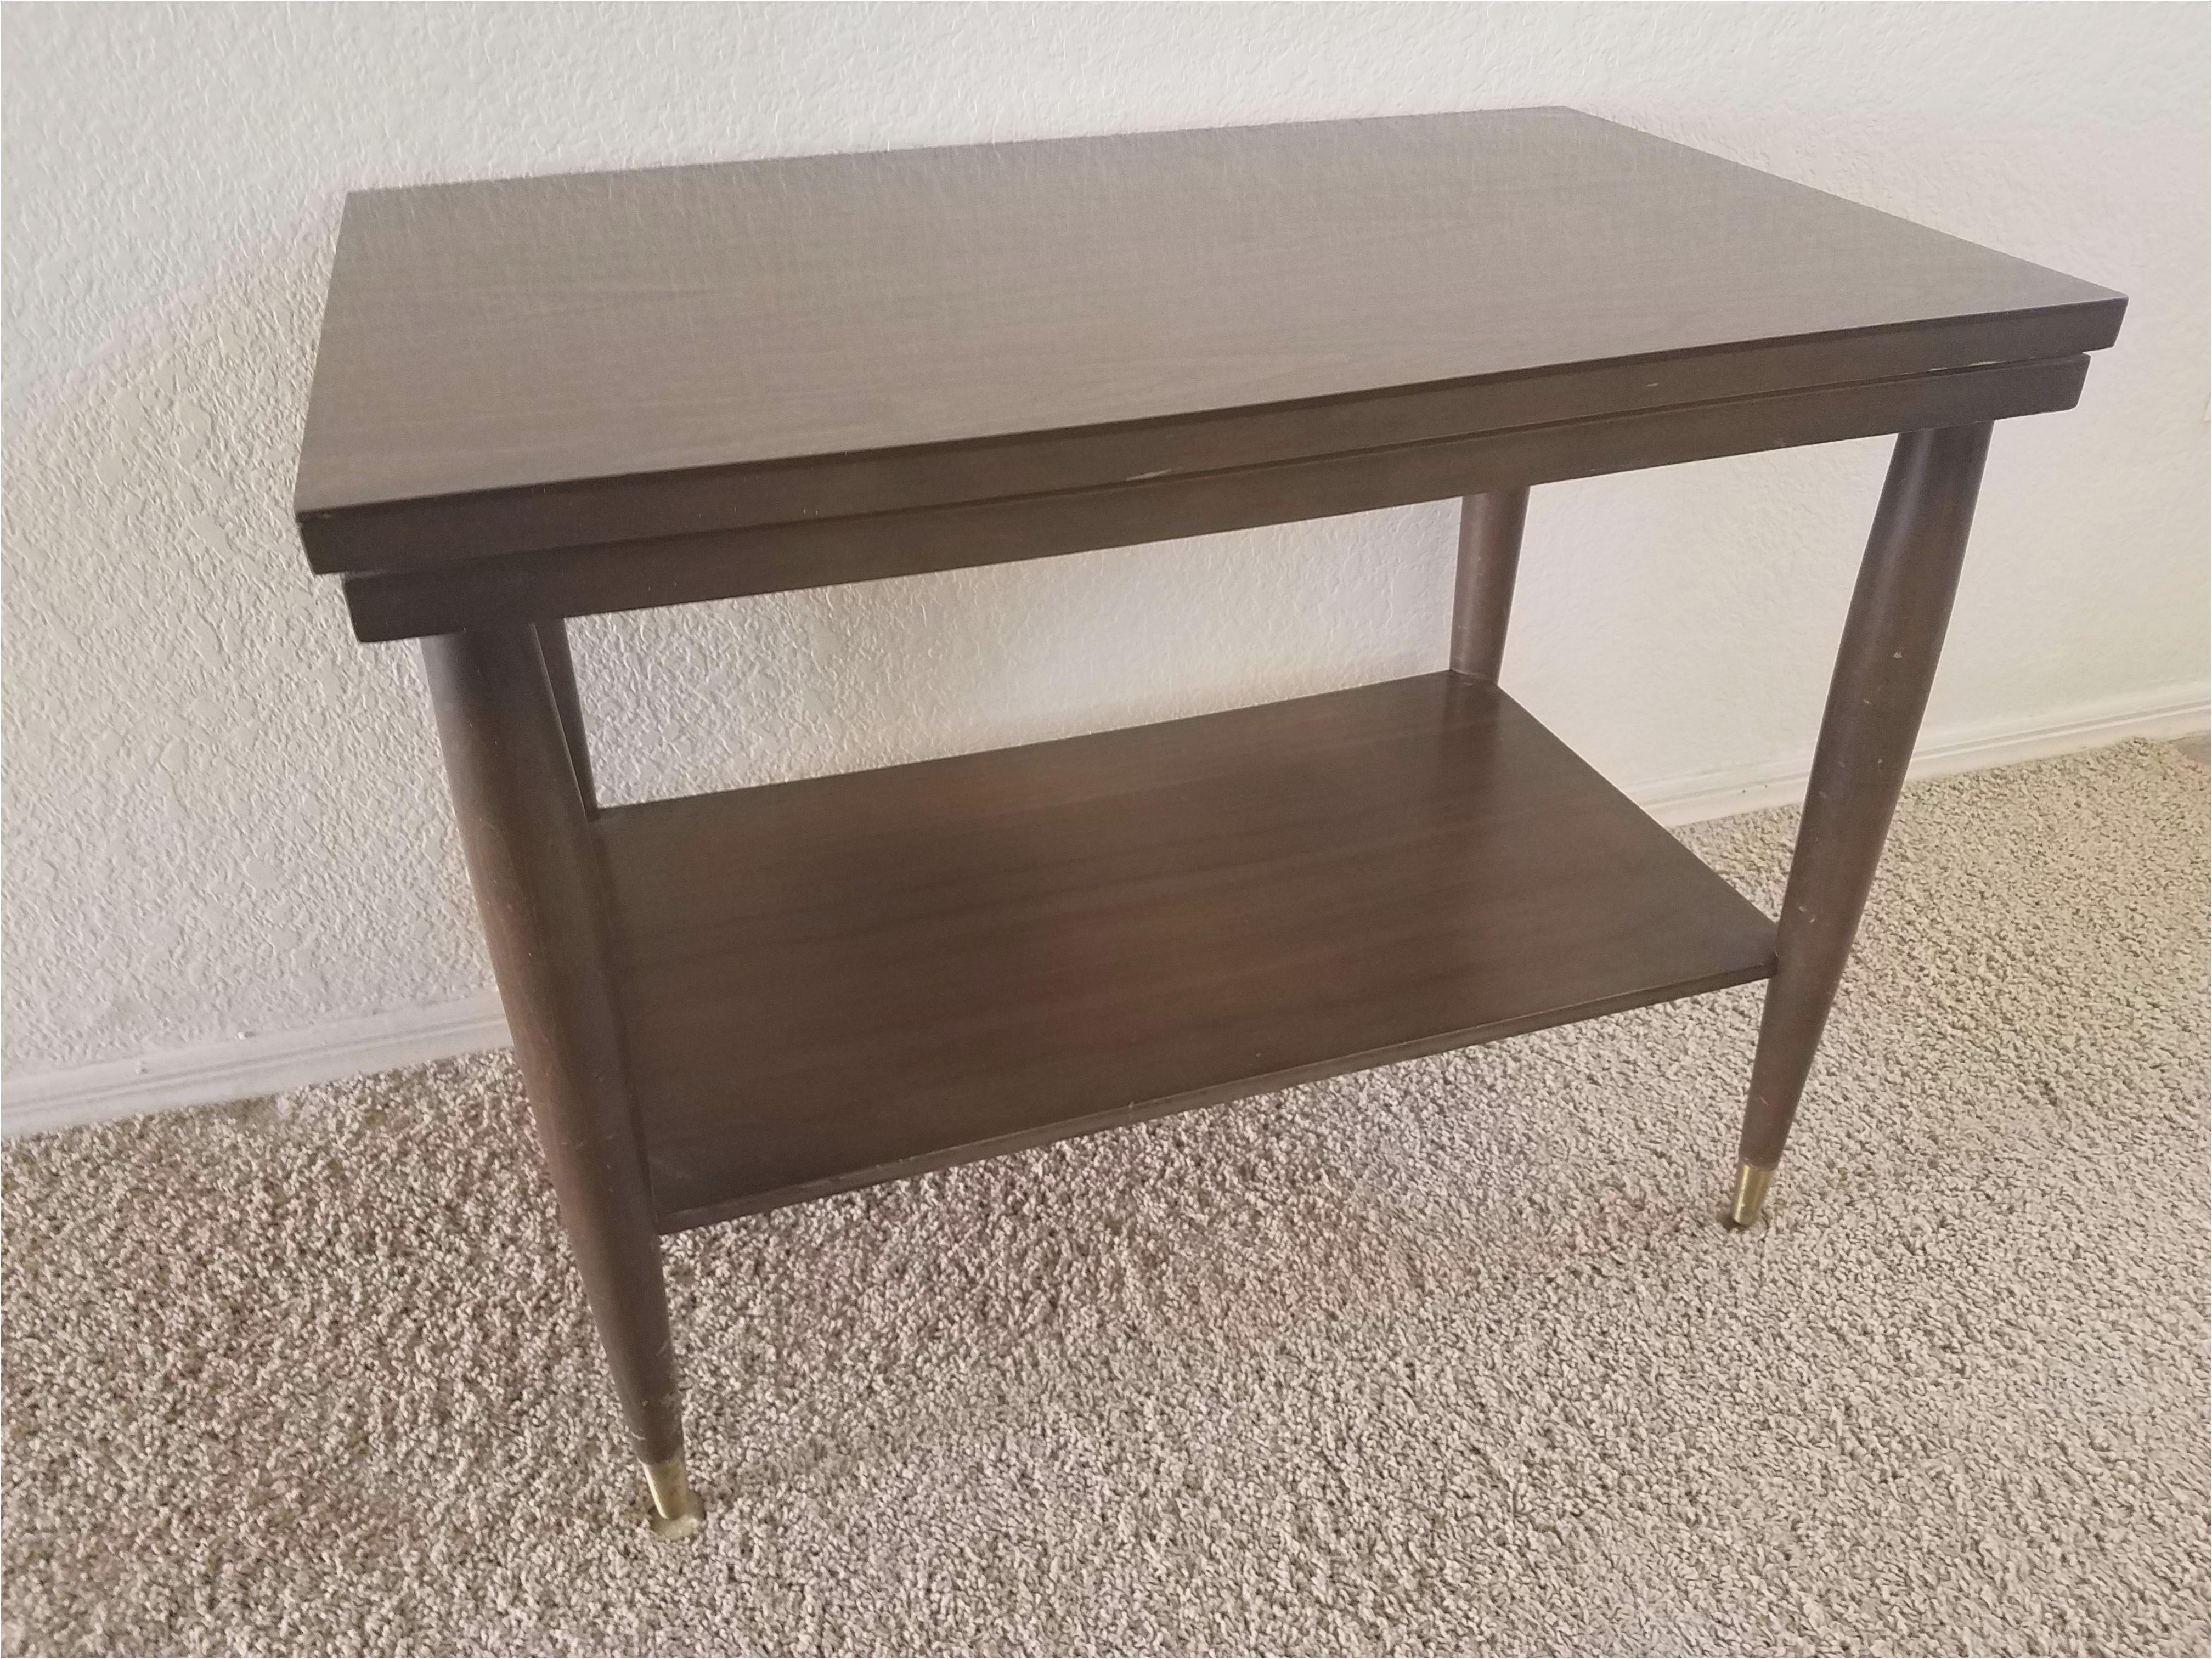 Hardwood Coffee Table 11 Coffee Table and sofa Table Set Inspiration